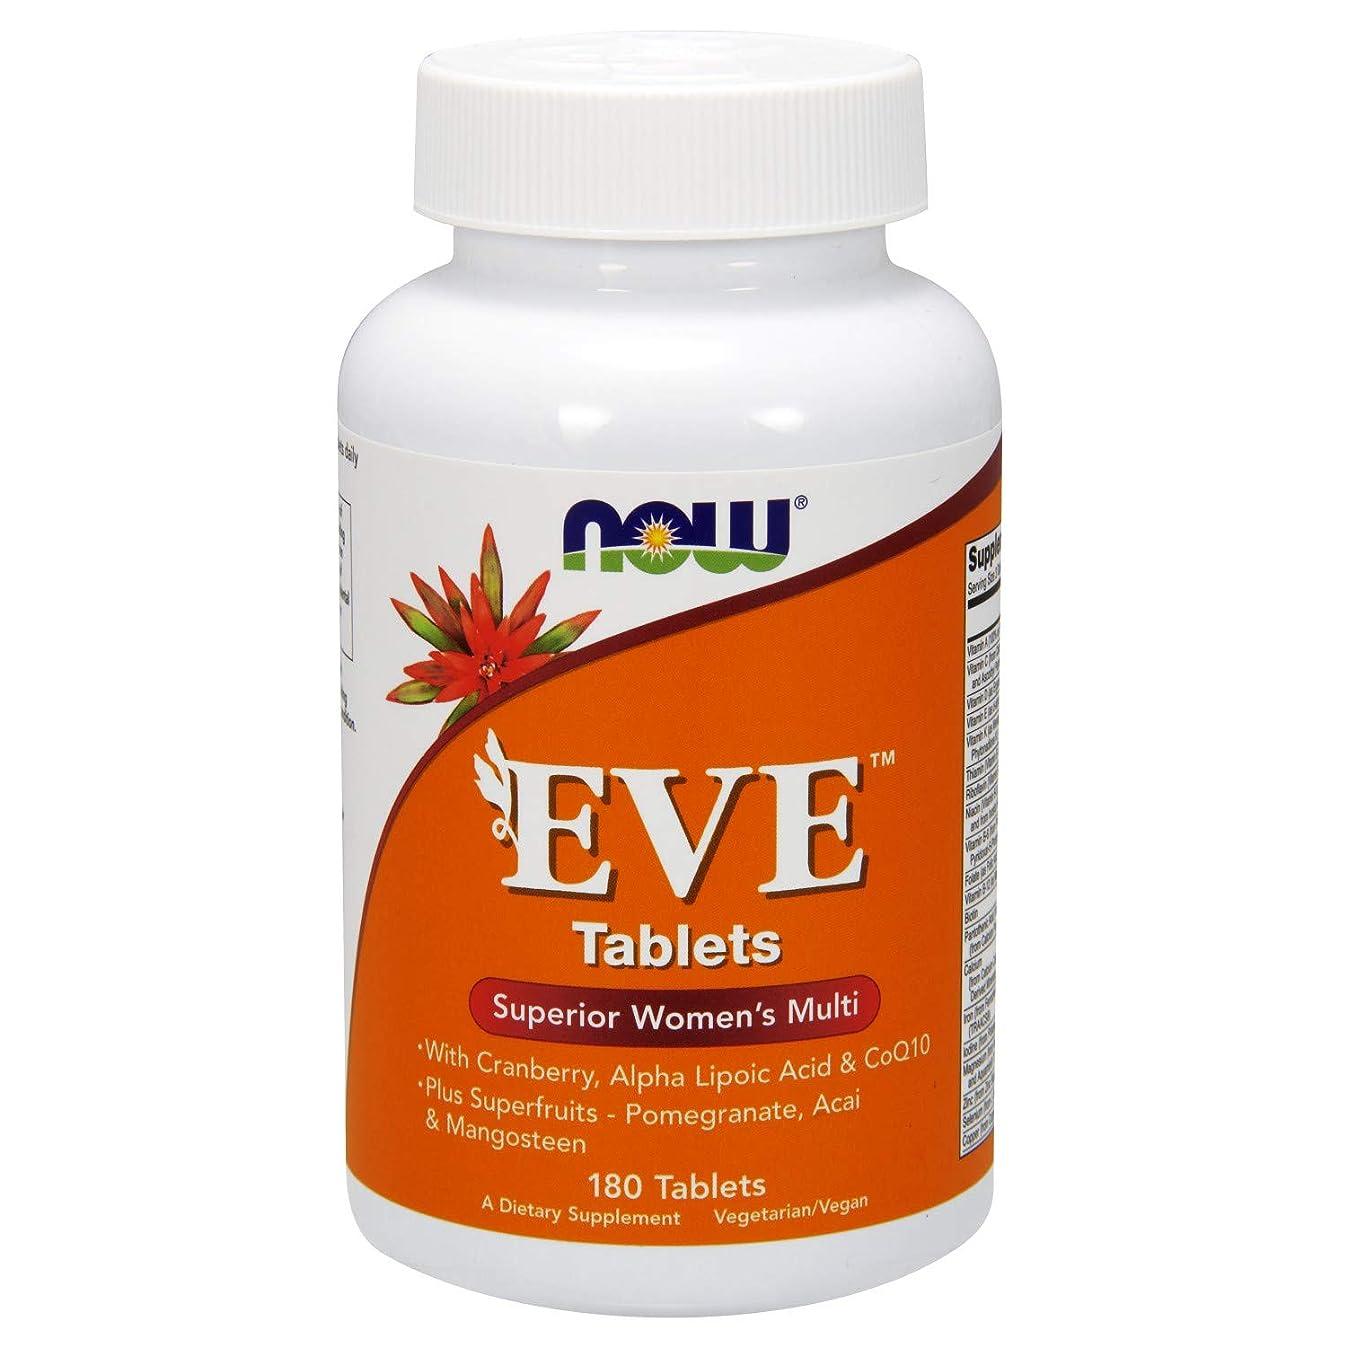 ゆりかご統治可能ドラフト[海外直送品] ナウフーズ  - イブ女性の複数のビタミン - 180錠剤